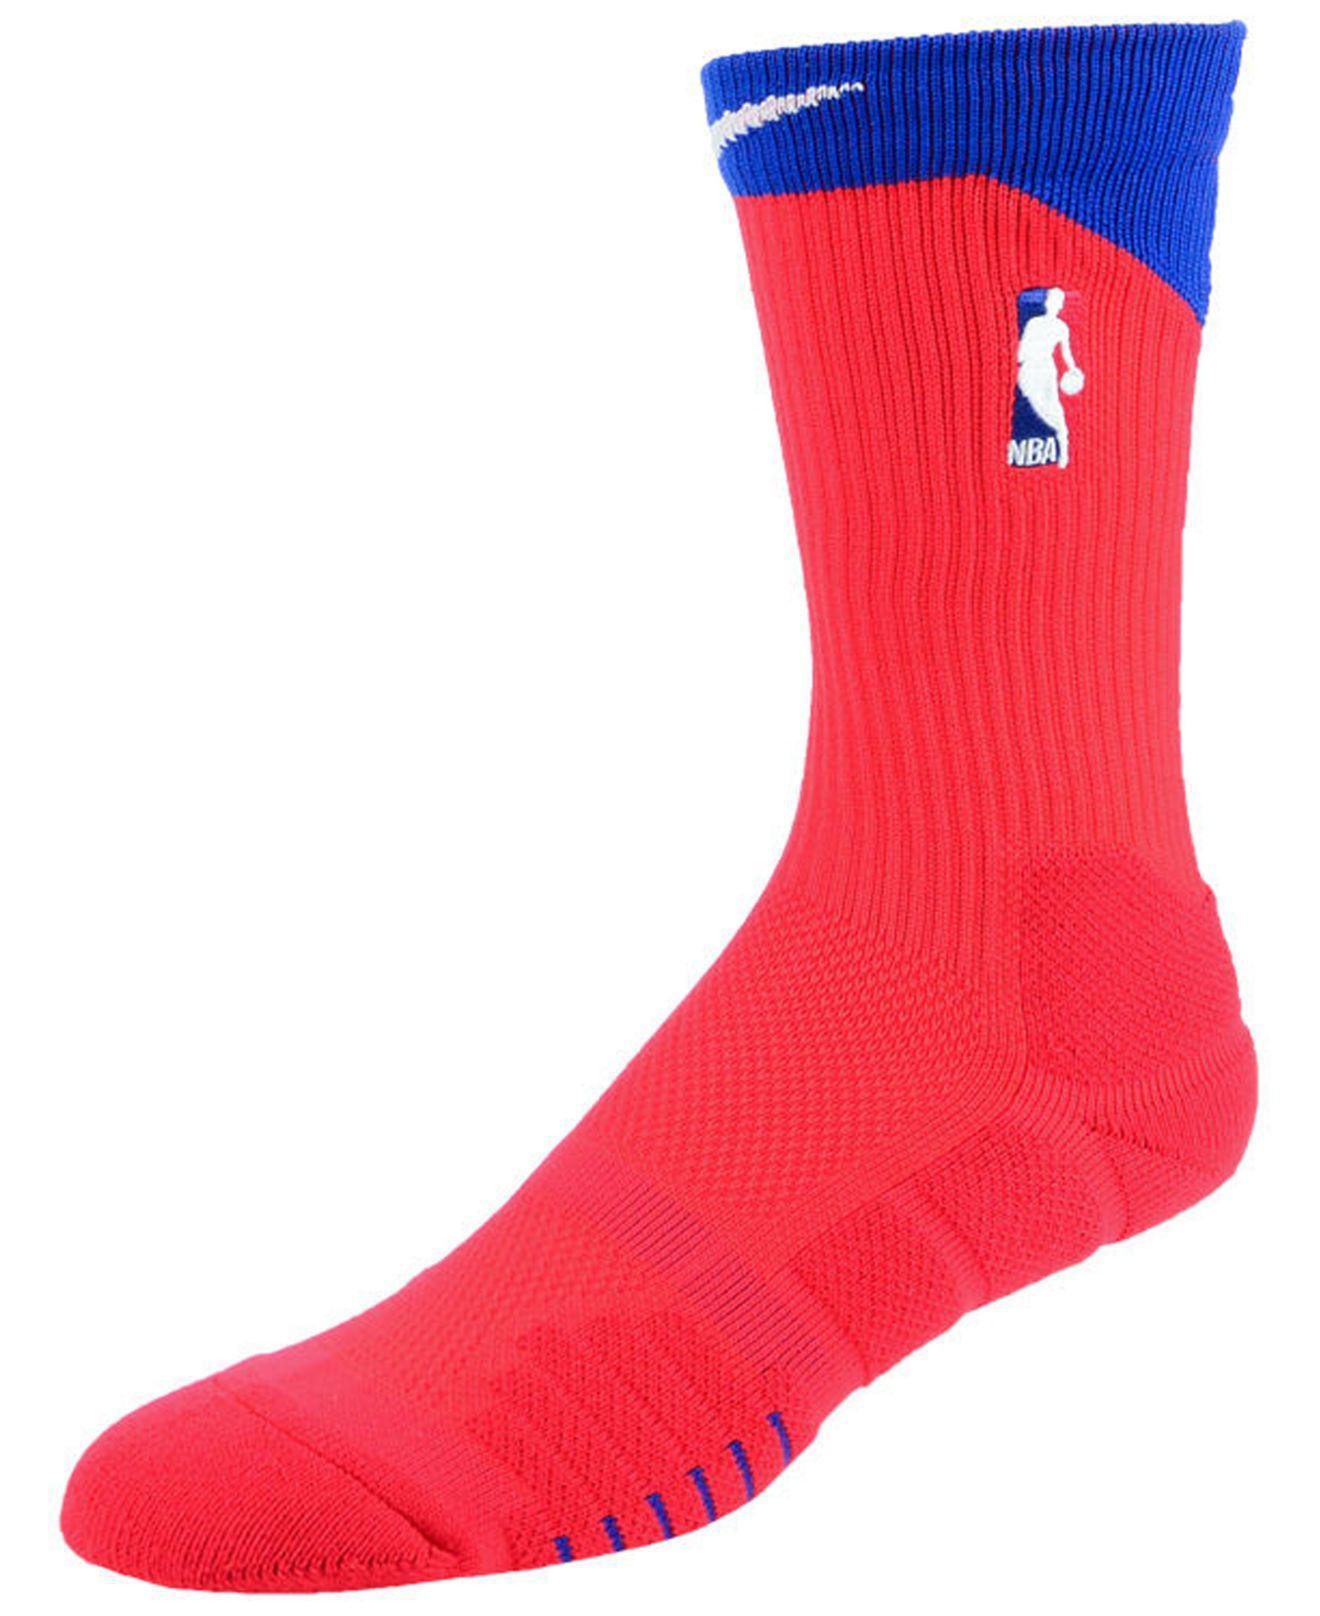 b7fec391ce8 Lyst - Nike Nba All Star Elite Quick Alt Crew Socks in Red for Men